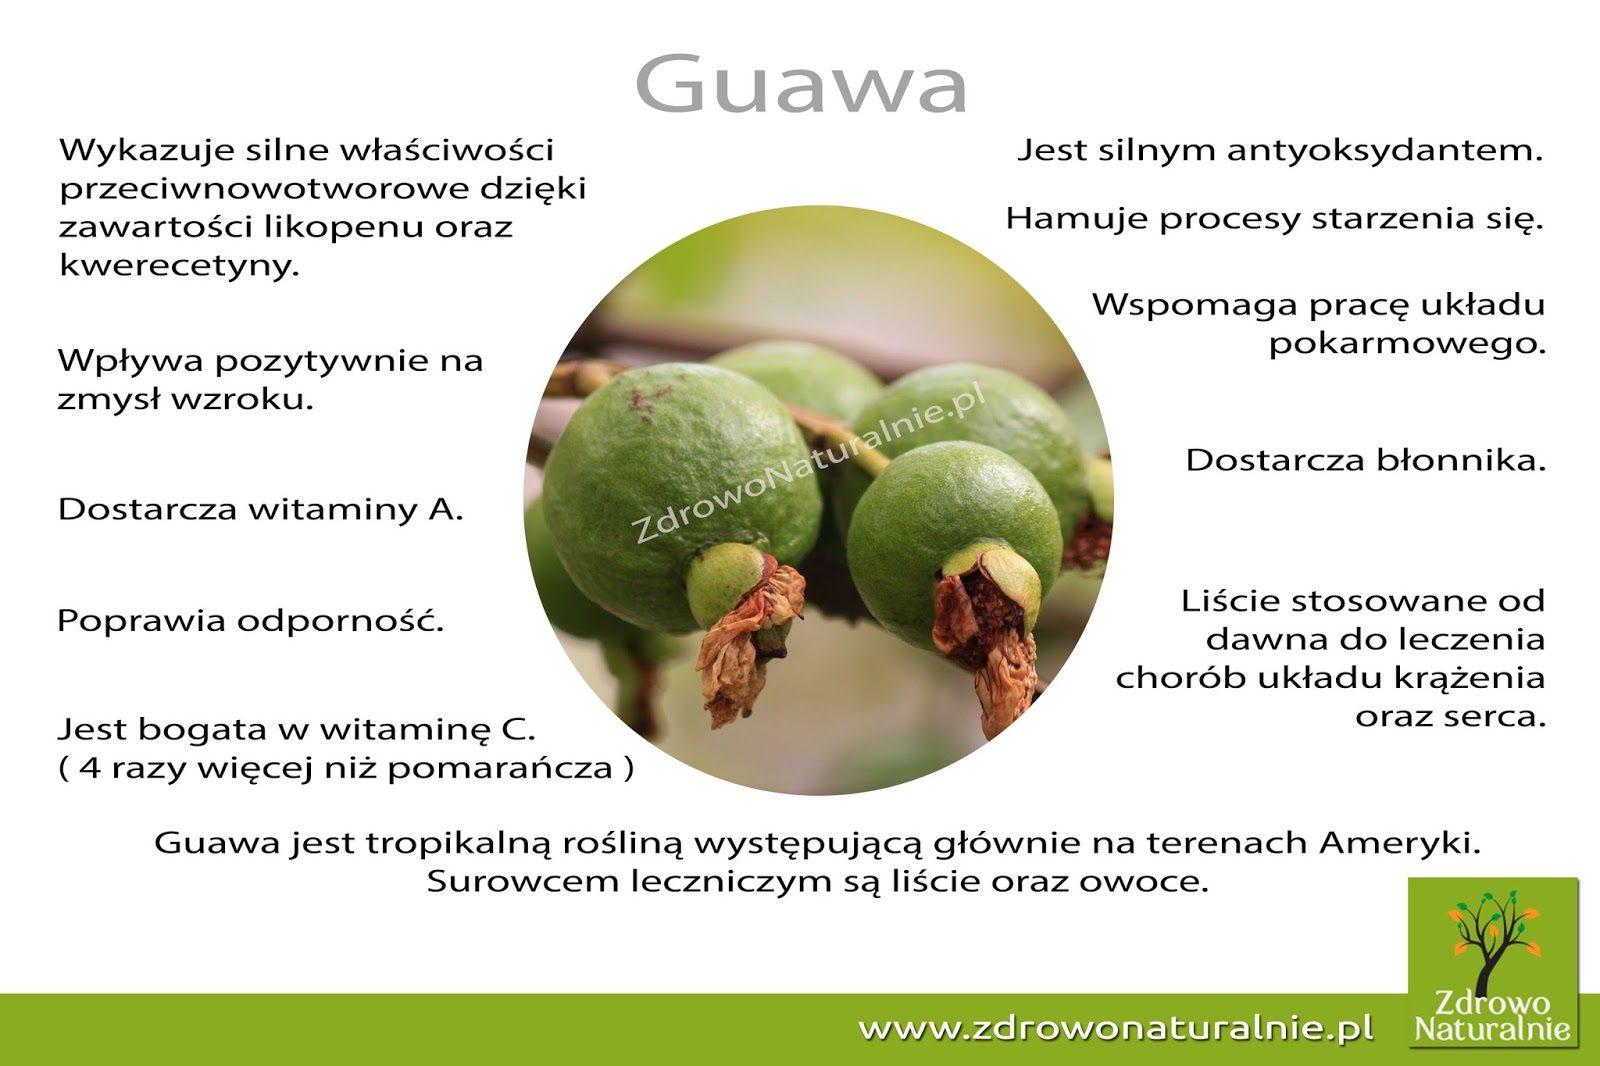 guawa-3079629